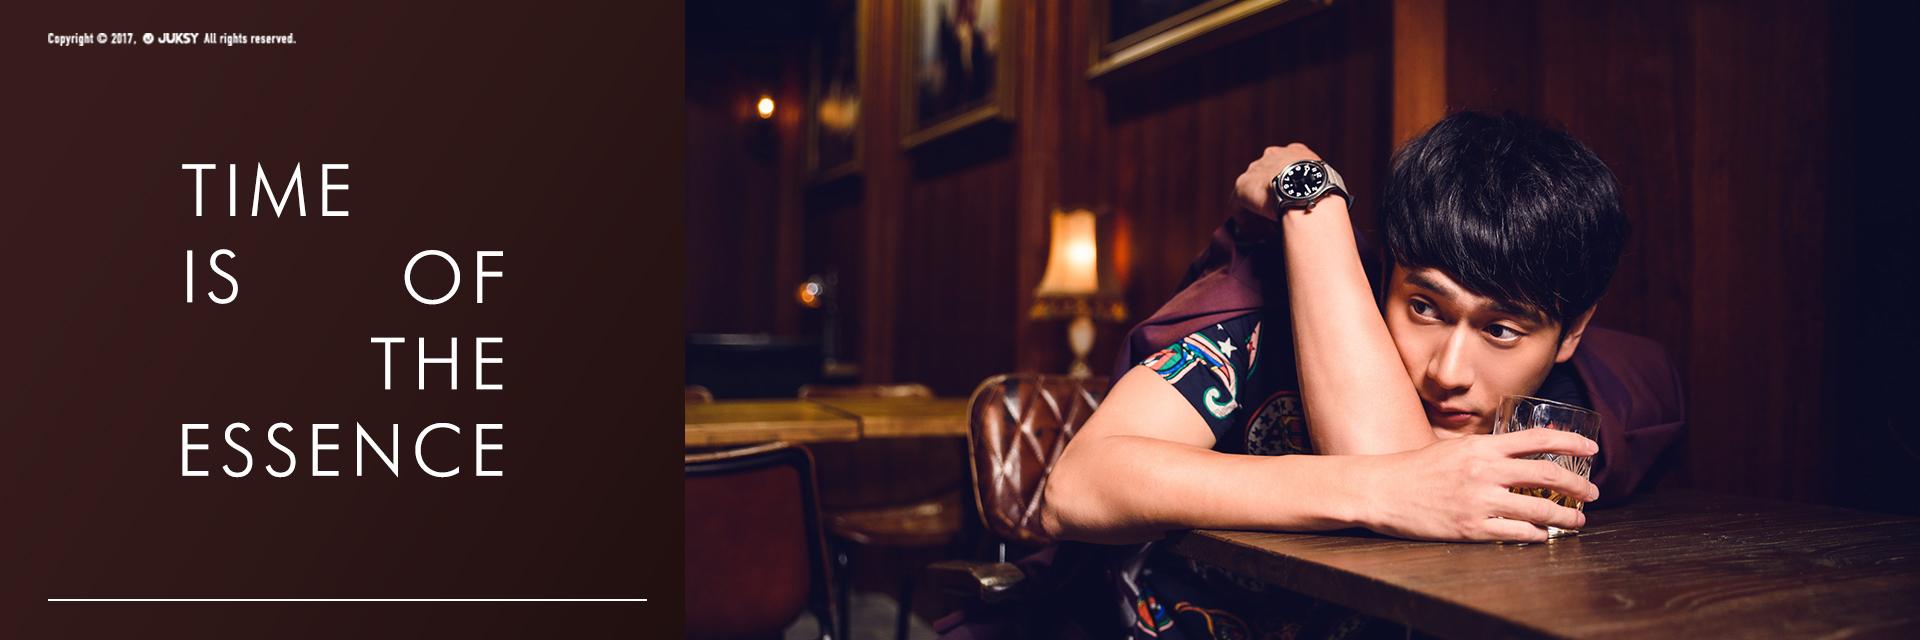 「我心裡住著一個鄭花明!」專訪《花甲男孩轉大人》劉冠廷,追逐戲劇夢的強悍與脆弱